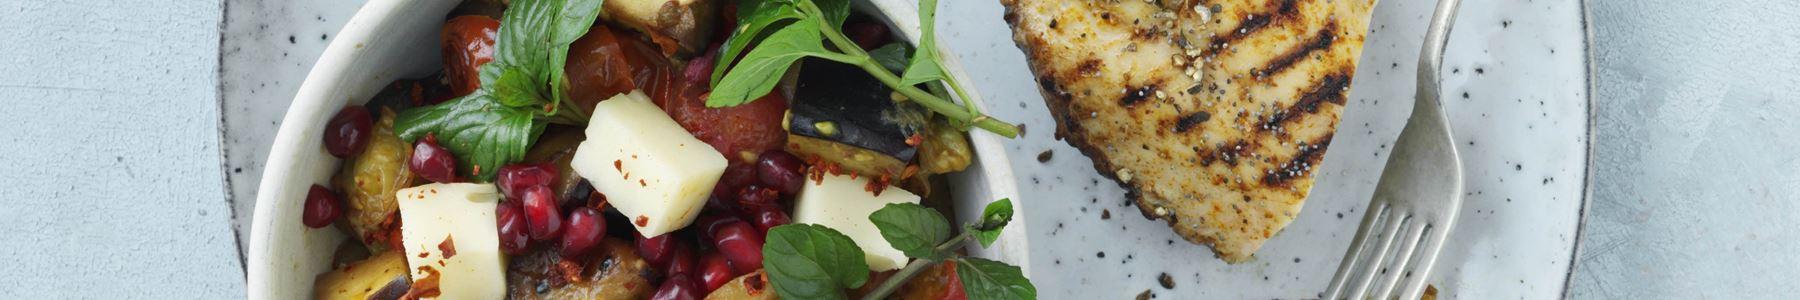 Aubergine + Salater + Hvidløg